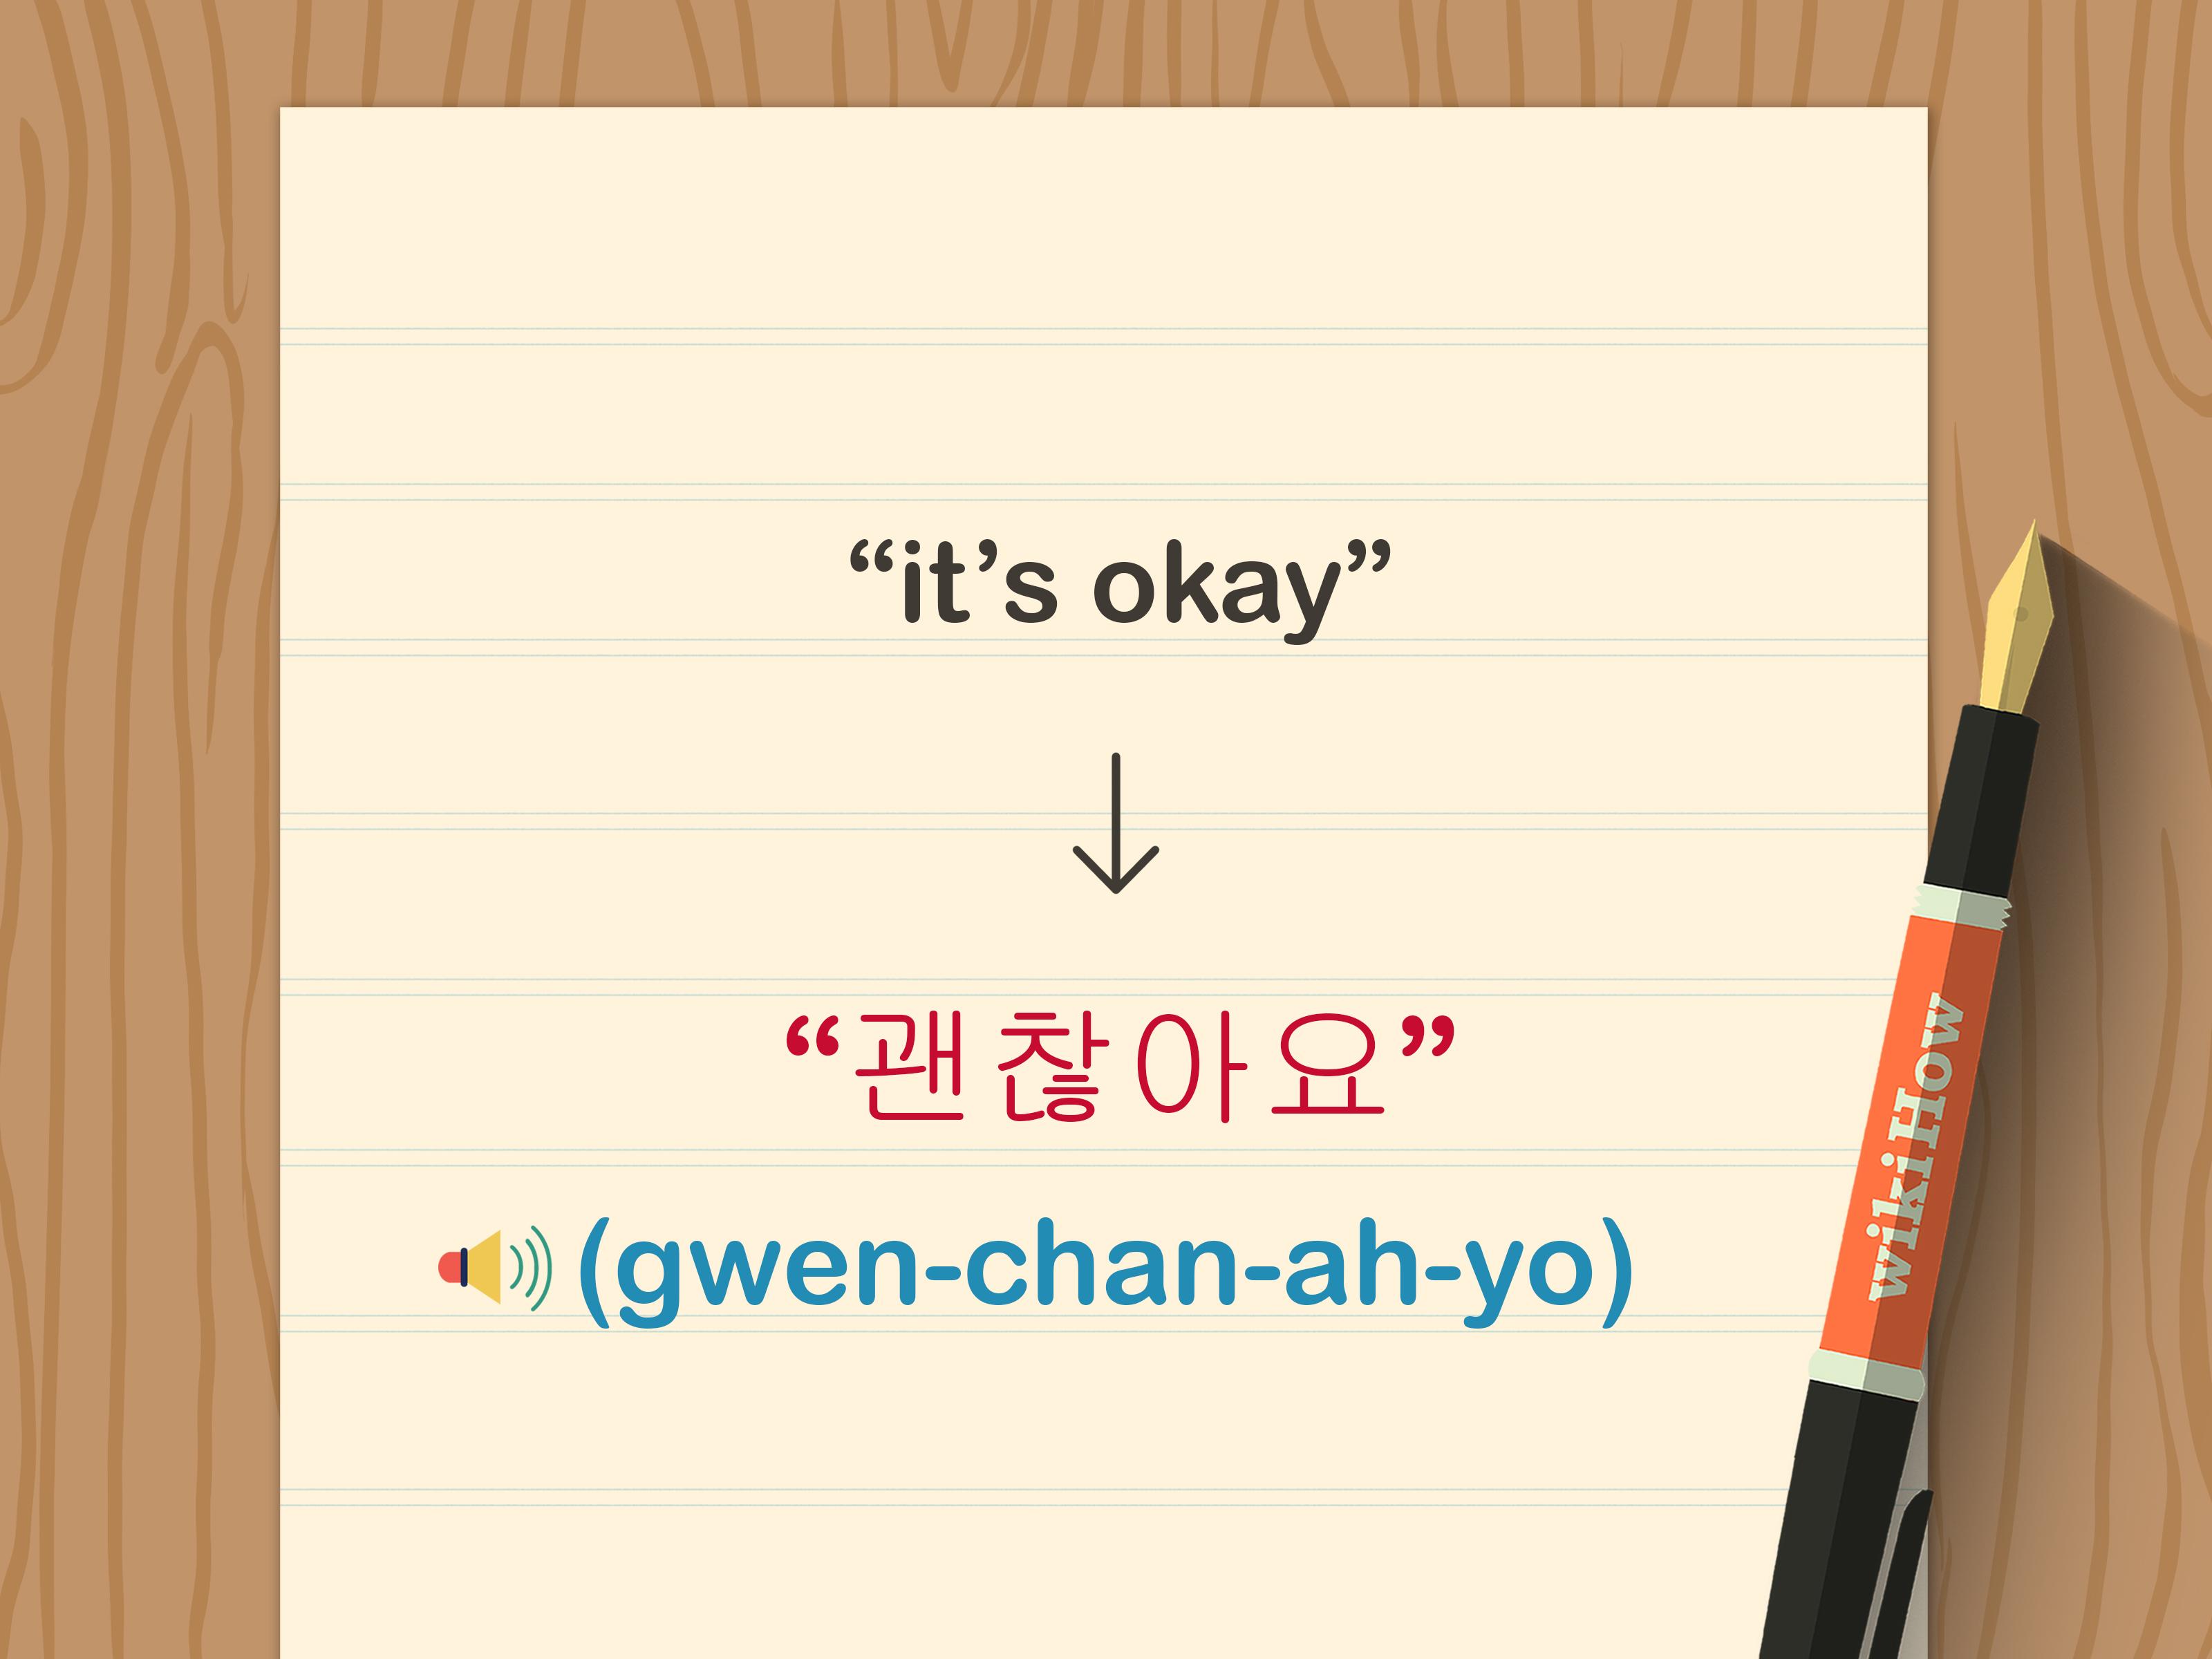 Tercepat Komapta In Hangul